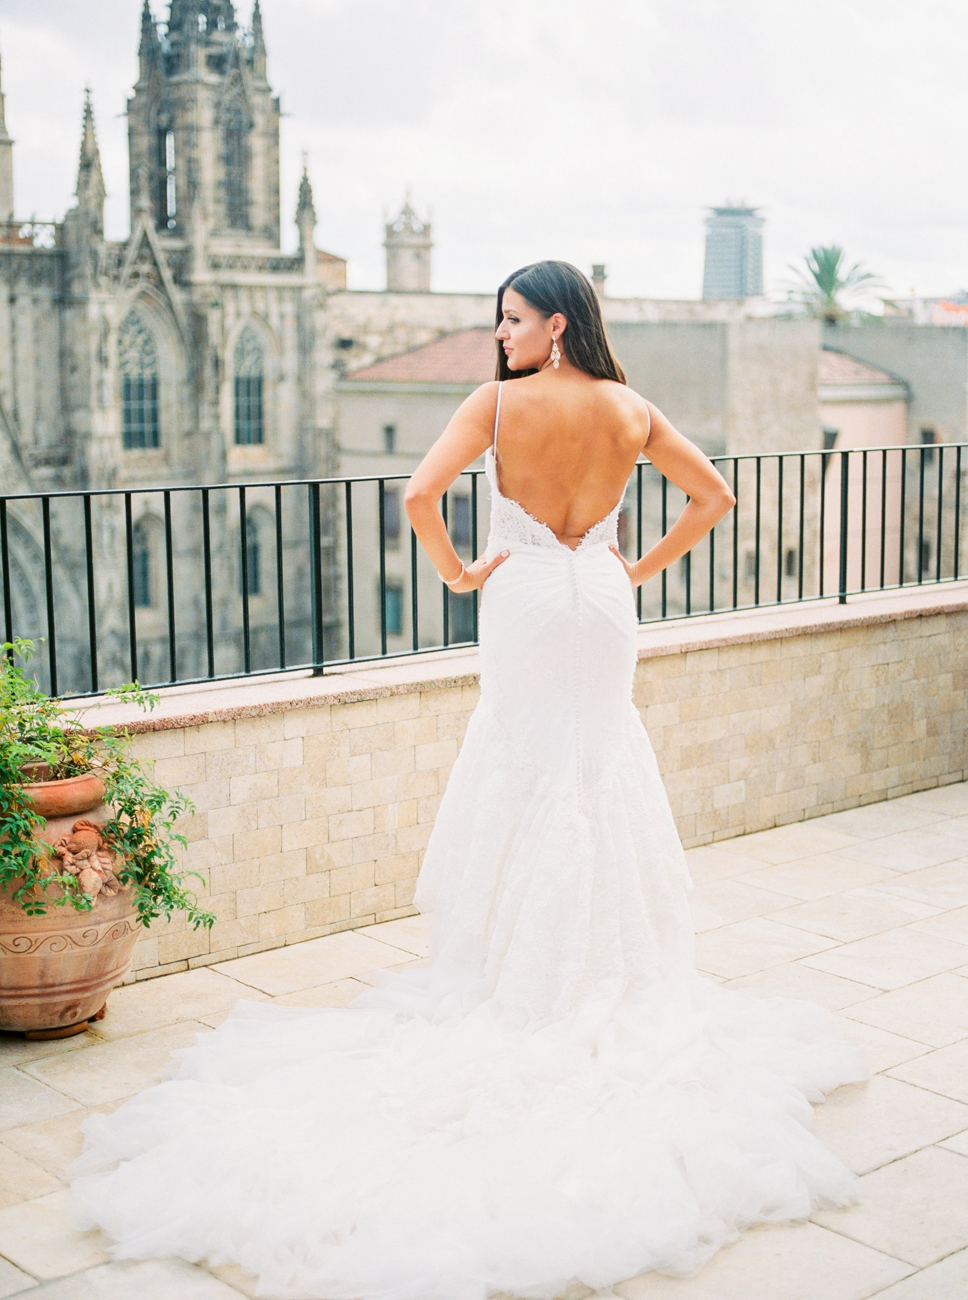 DennisRoyCoronel_Barcelona_Wedding-43.jpg